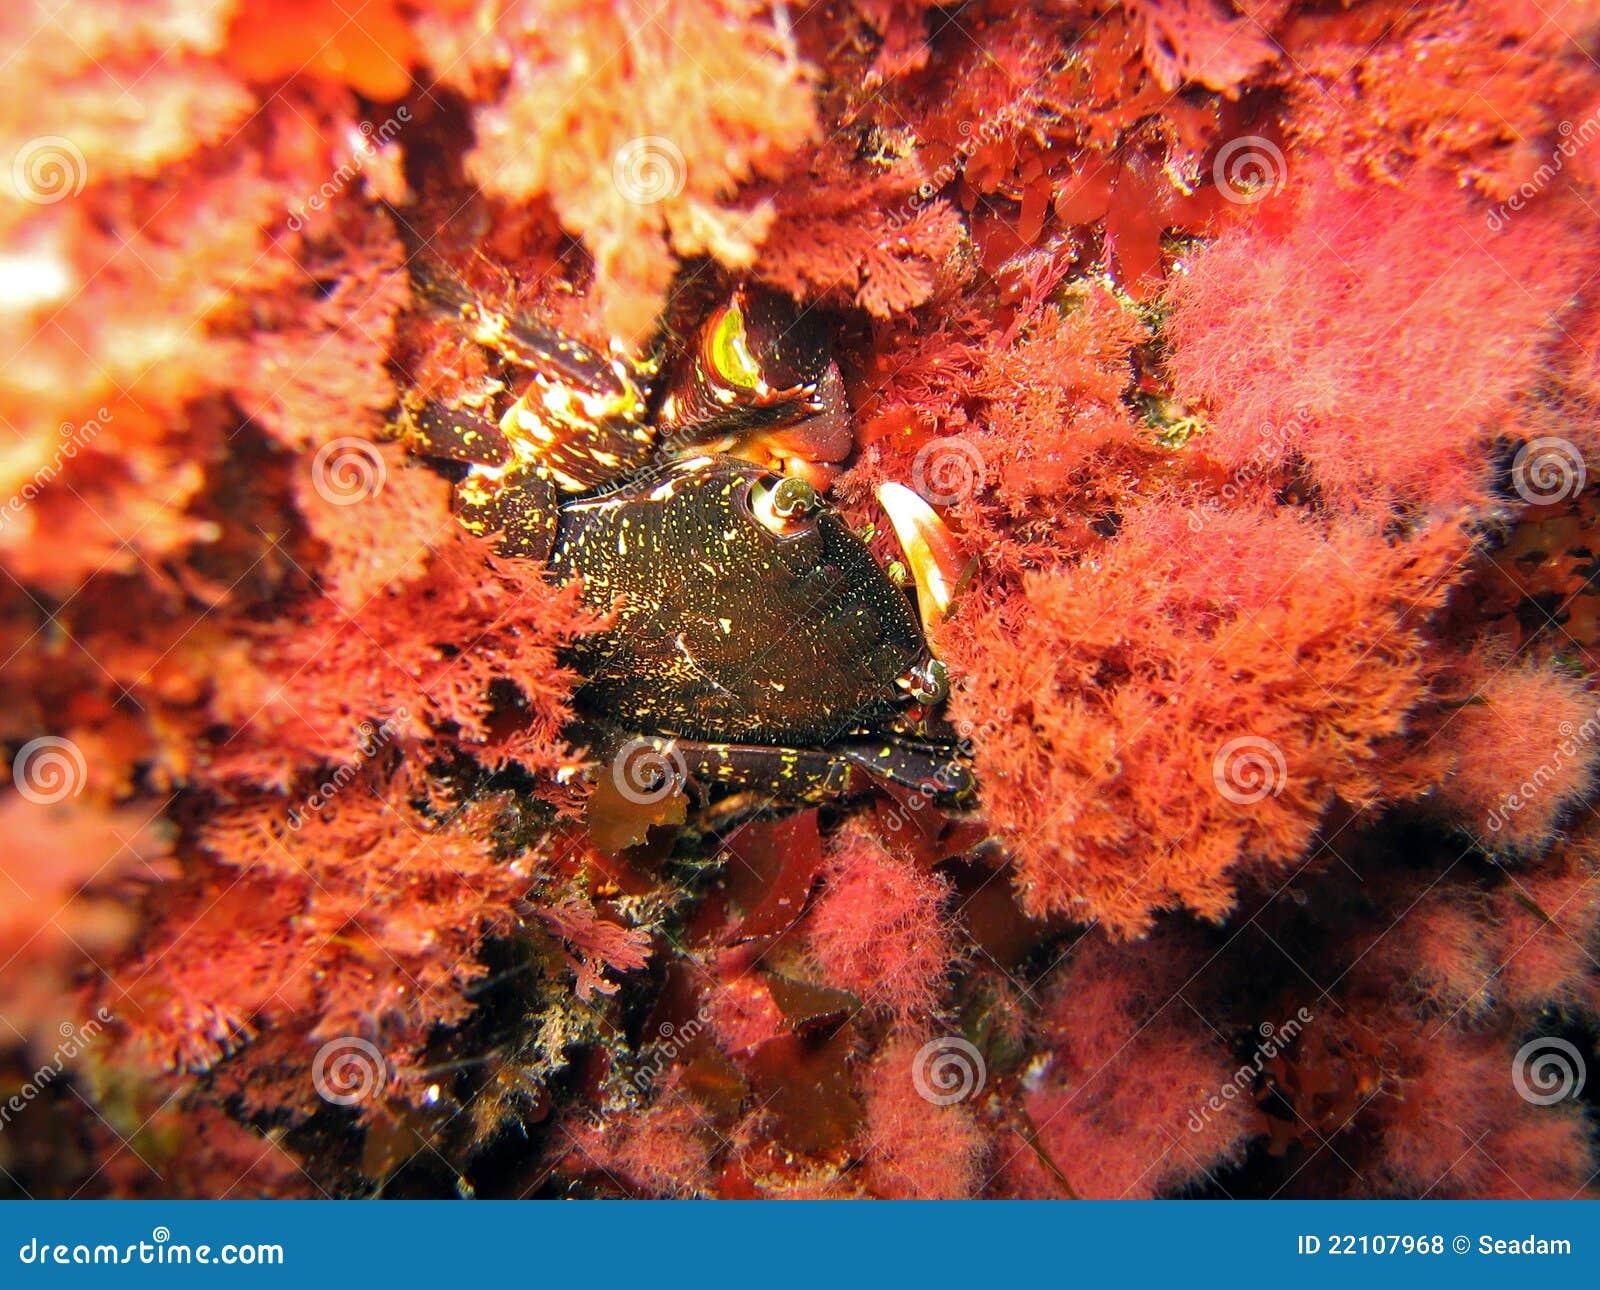 Crab in red algae